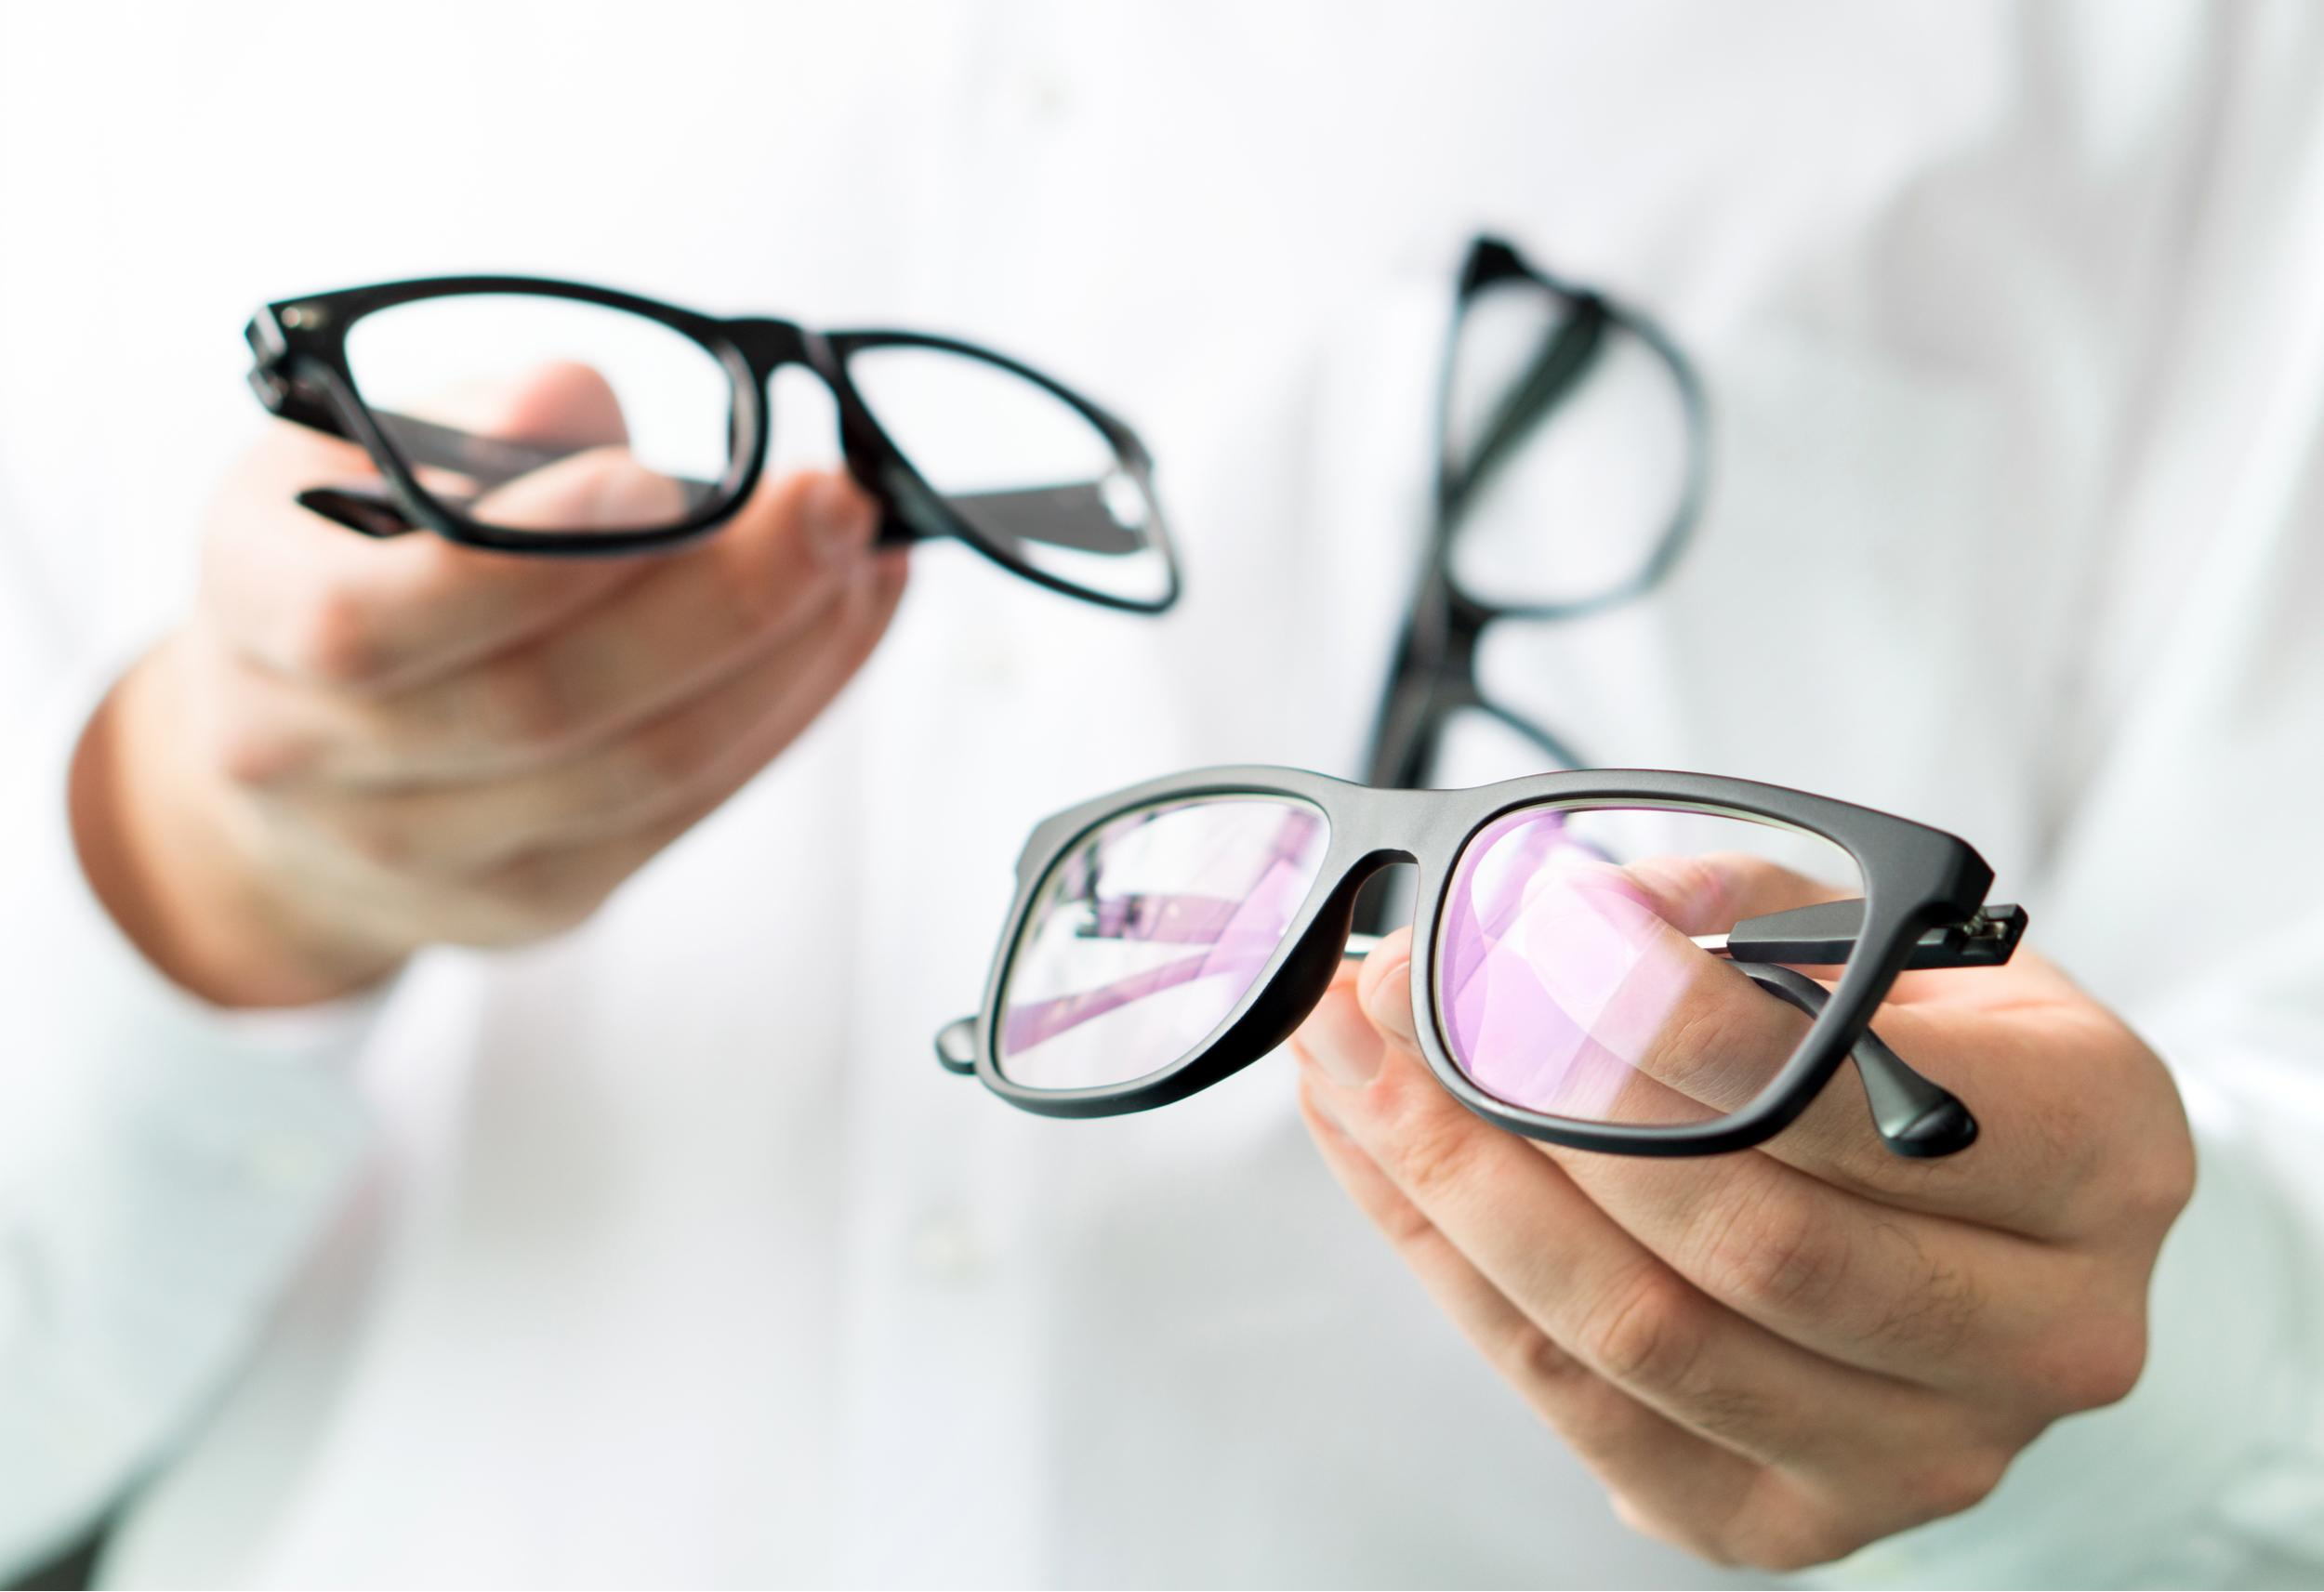 Glasses Filter